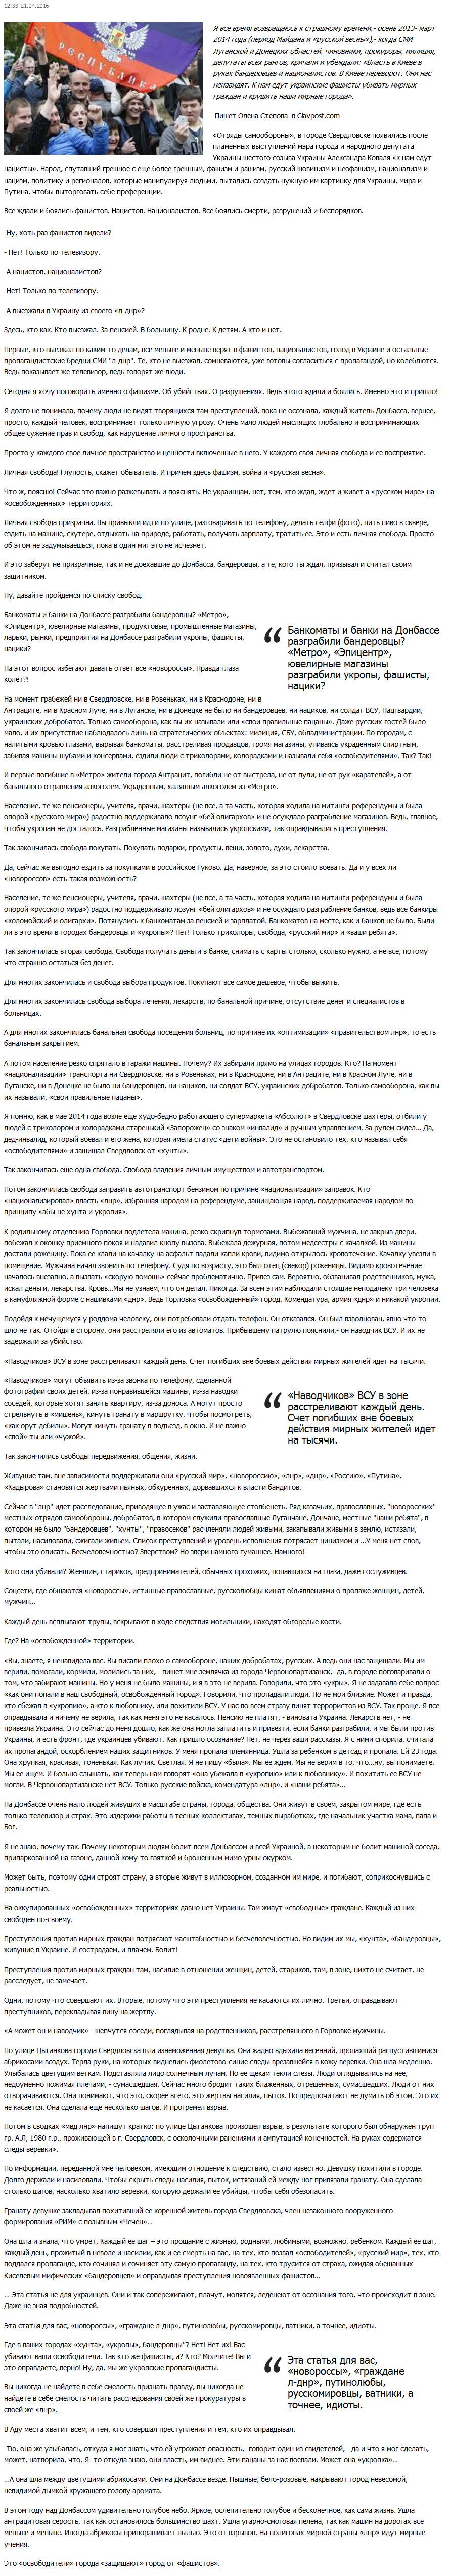 """Про """"граждансую войну"""" на Украине в двух словах 620c52a1e20b"""